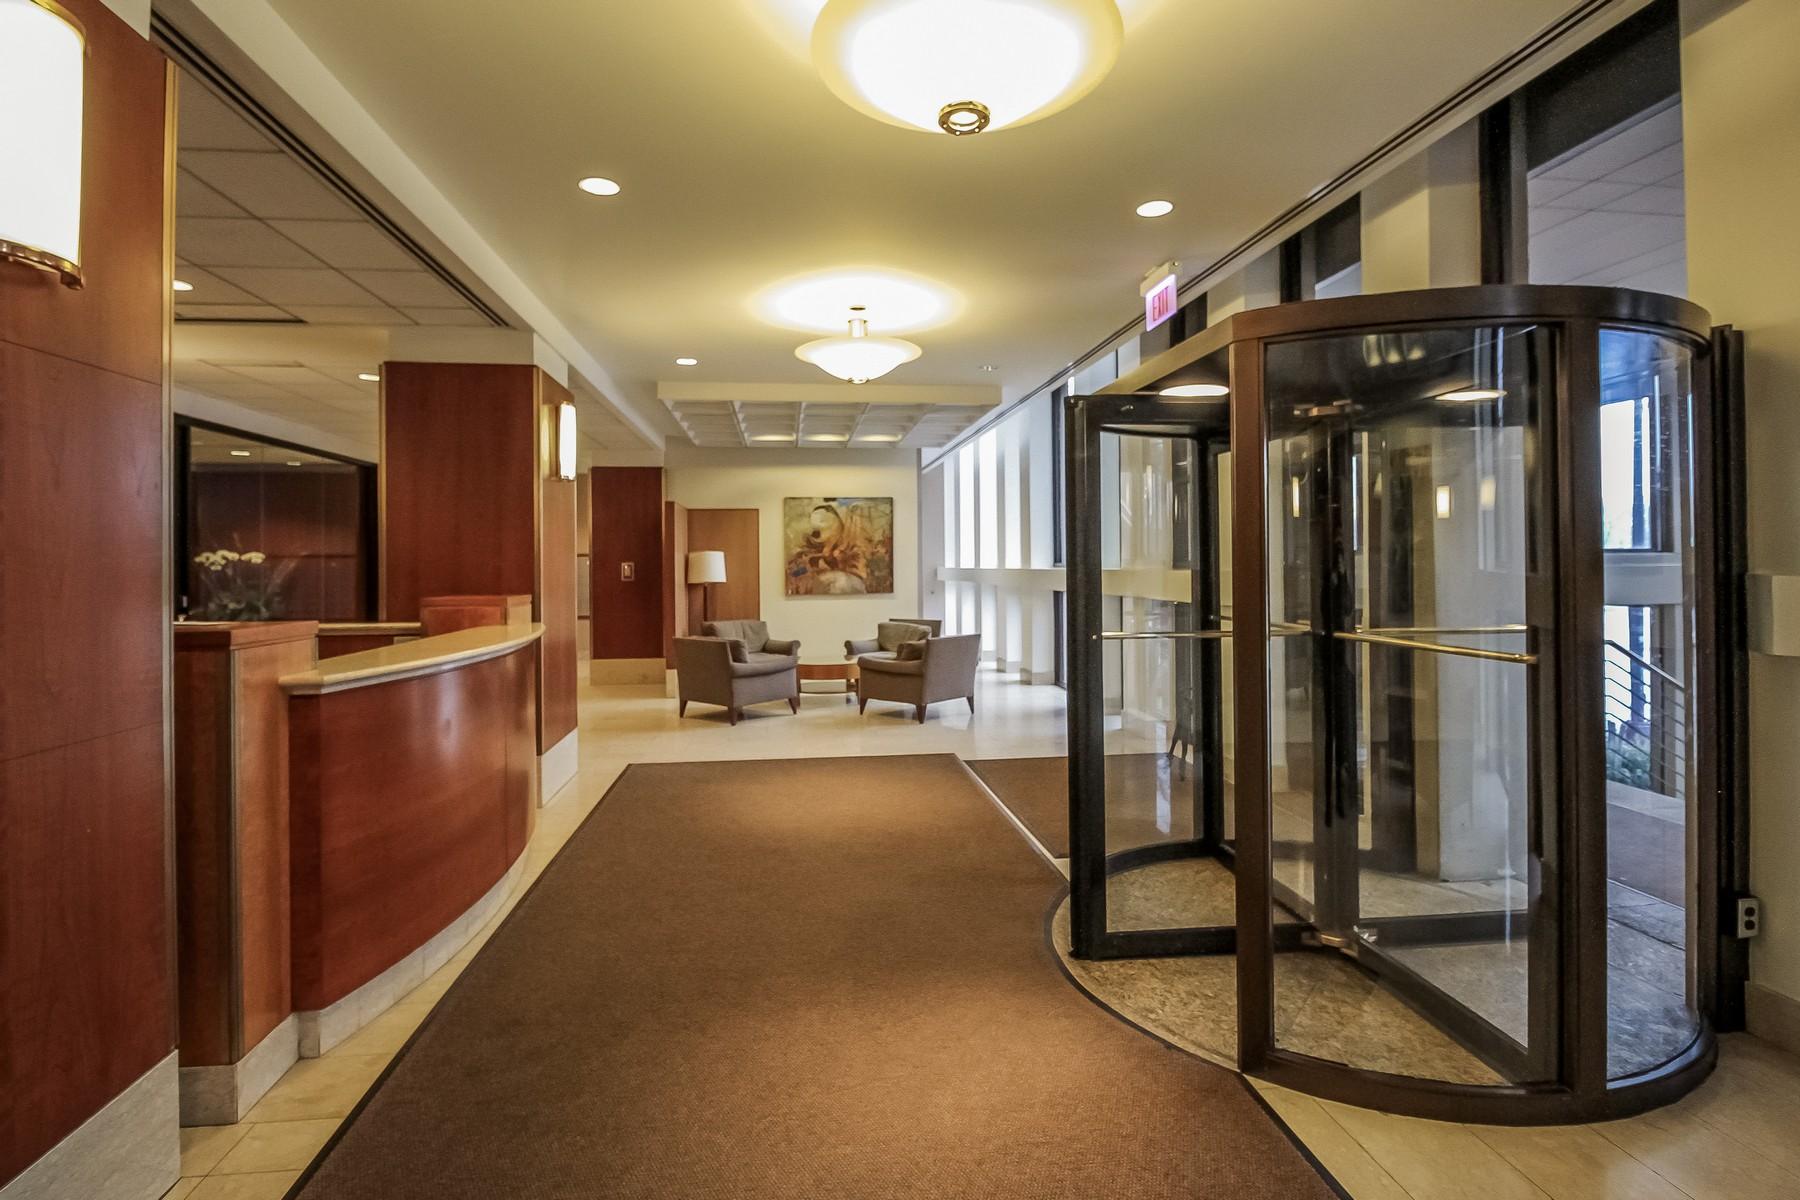 共管式独立产权公寓 为 销售 在 Three Bedroom Masterpiece 1660 N LaSalle Drive Unit 3108 Near North Side, 芝加哥, 伊利诺斯州 60614 美国